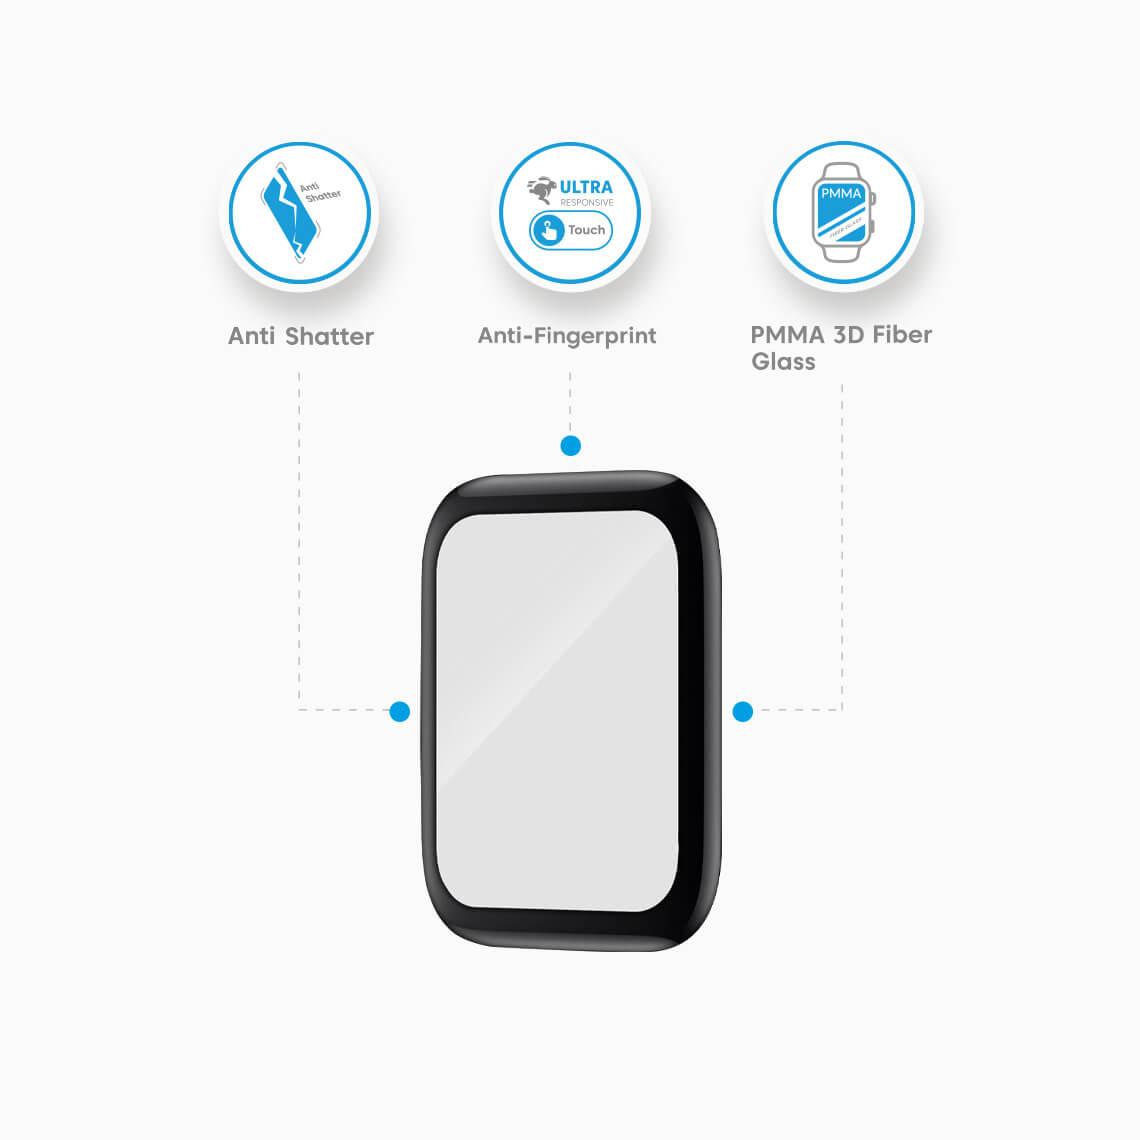 محافظ صفحه نمایش اپل واچ 40 میلیمتری 3D بلینکس مدل Lumino